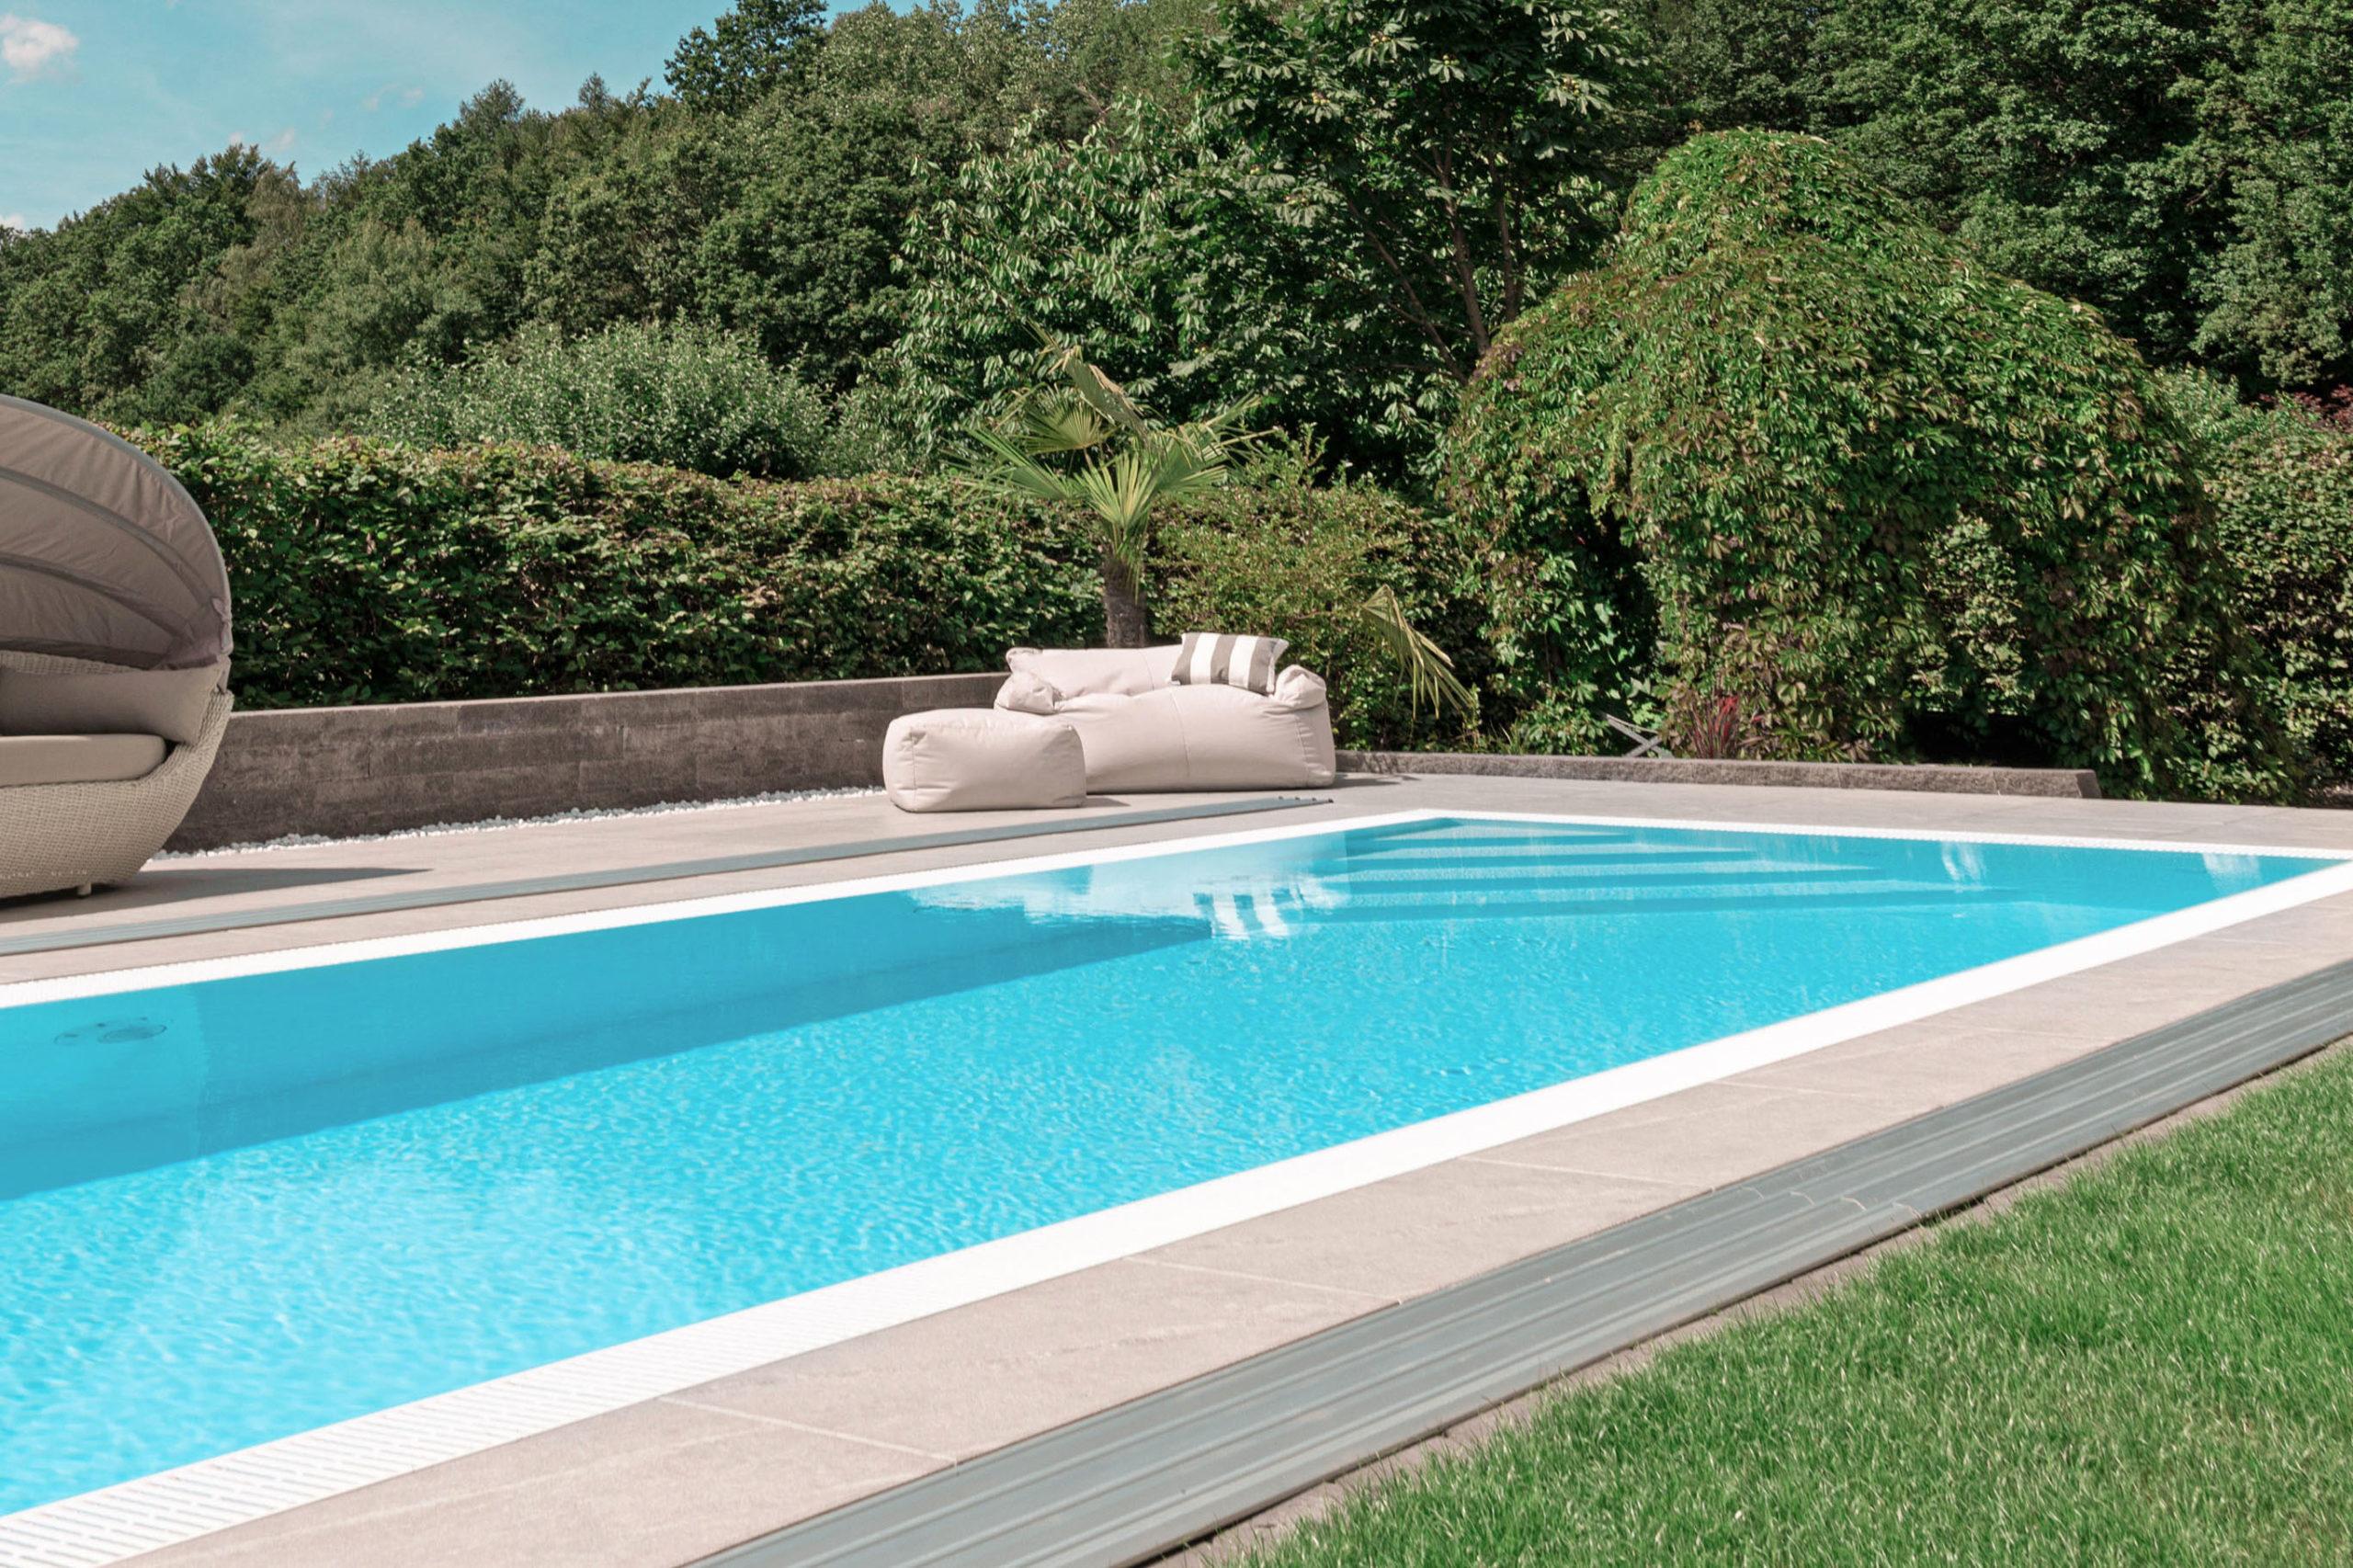 Ein Pool sorgt für Mehrwert